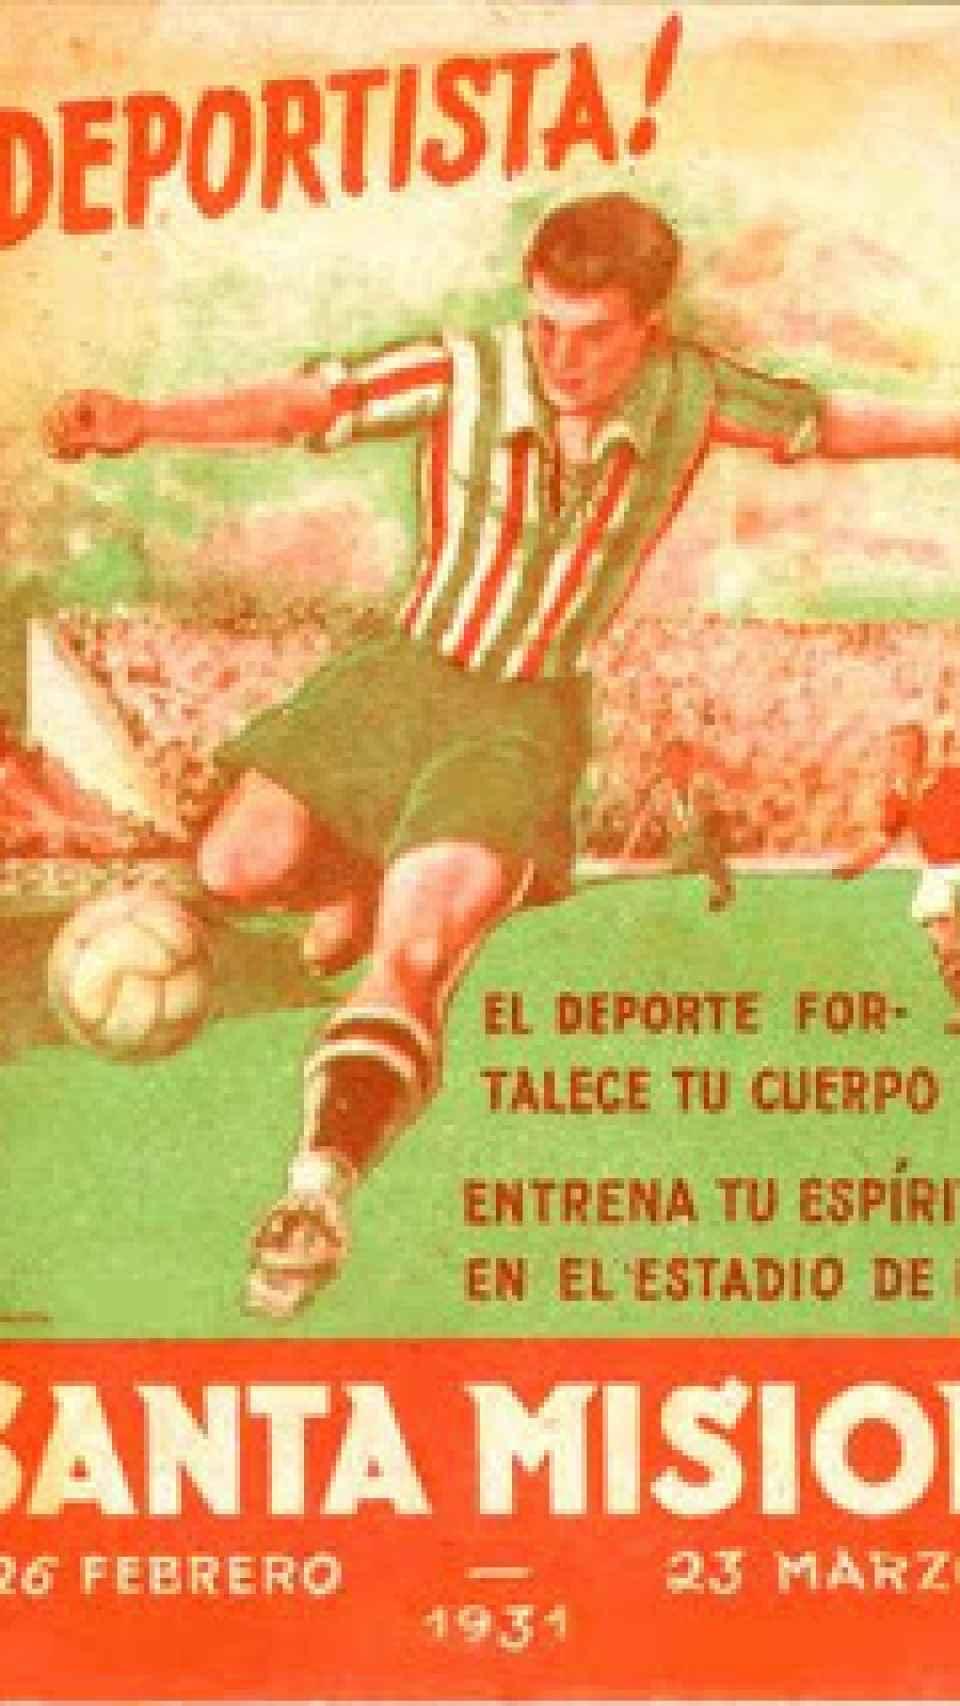 Cartel del estadio creado por el párroco Francisco Míguez Fernández.